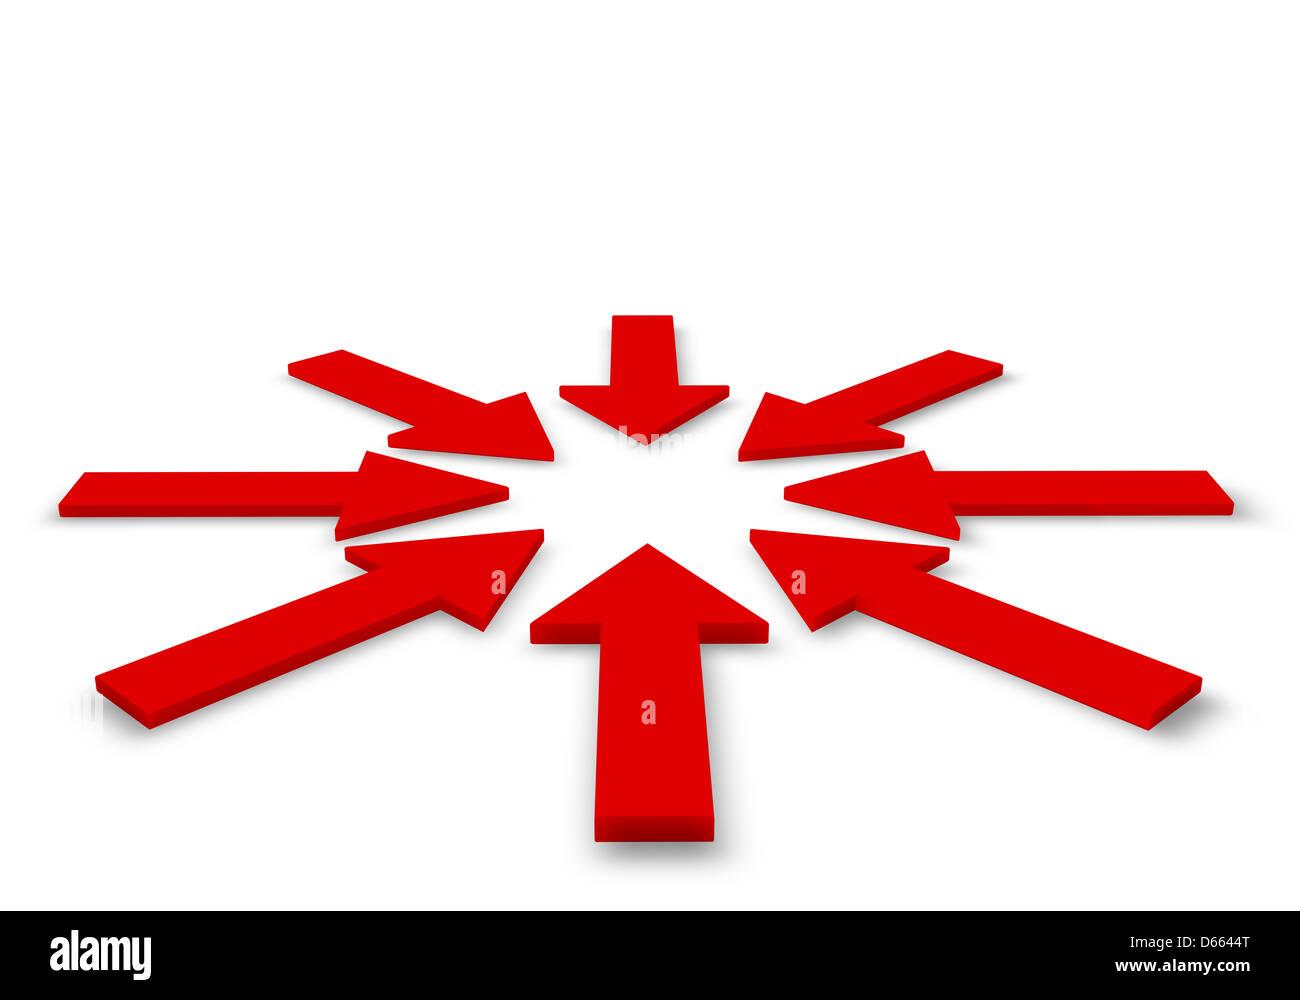 Las flechas rojas en la imagen 3D. Imagen De Stock